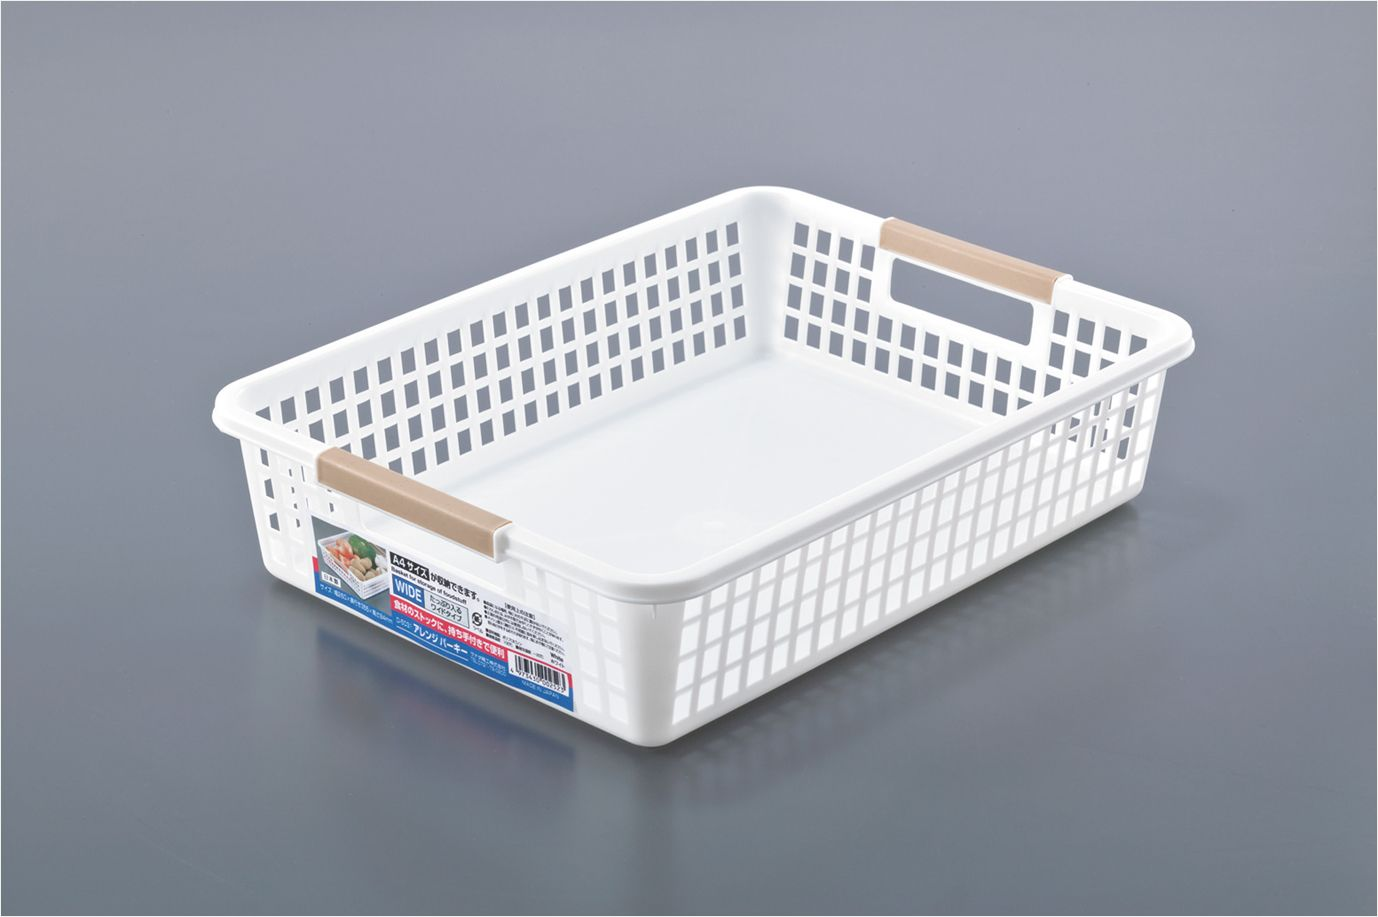 ▶SANADA日本网格塑料收纳筐 冰箱收纳篮  厨房蔬菜沥水蓝